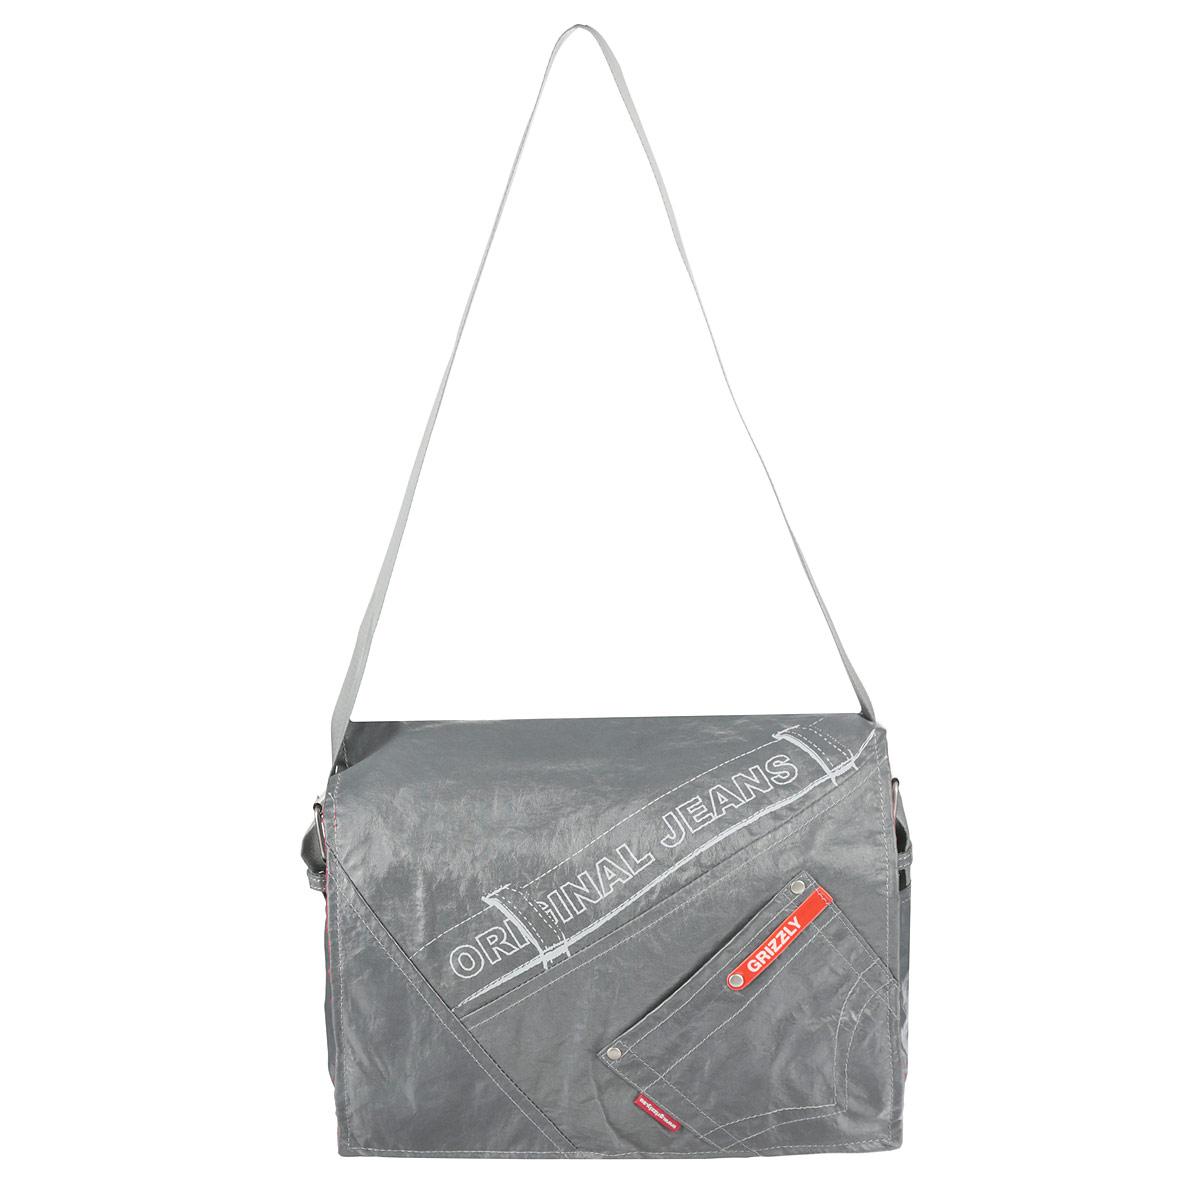 Сумка школьная Grizzly, цвет: серый. MM-340-2ММ 340-2/1Молодежная сумка с двумя отделениями, с плоским карманом на передней стенке, внутренним карманом для документов и карманом-пеналом, с регулируемым плечевым ремнем